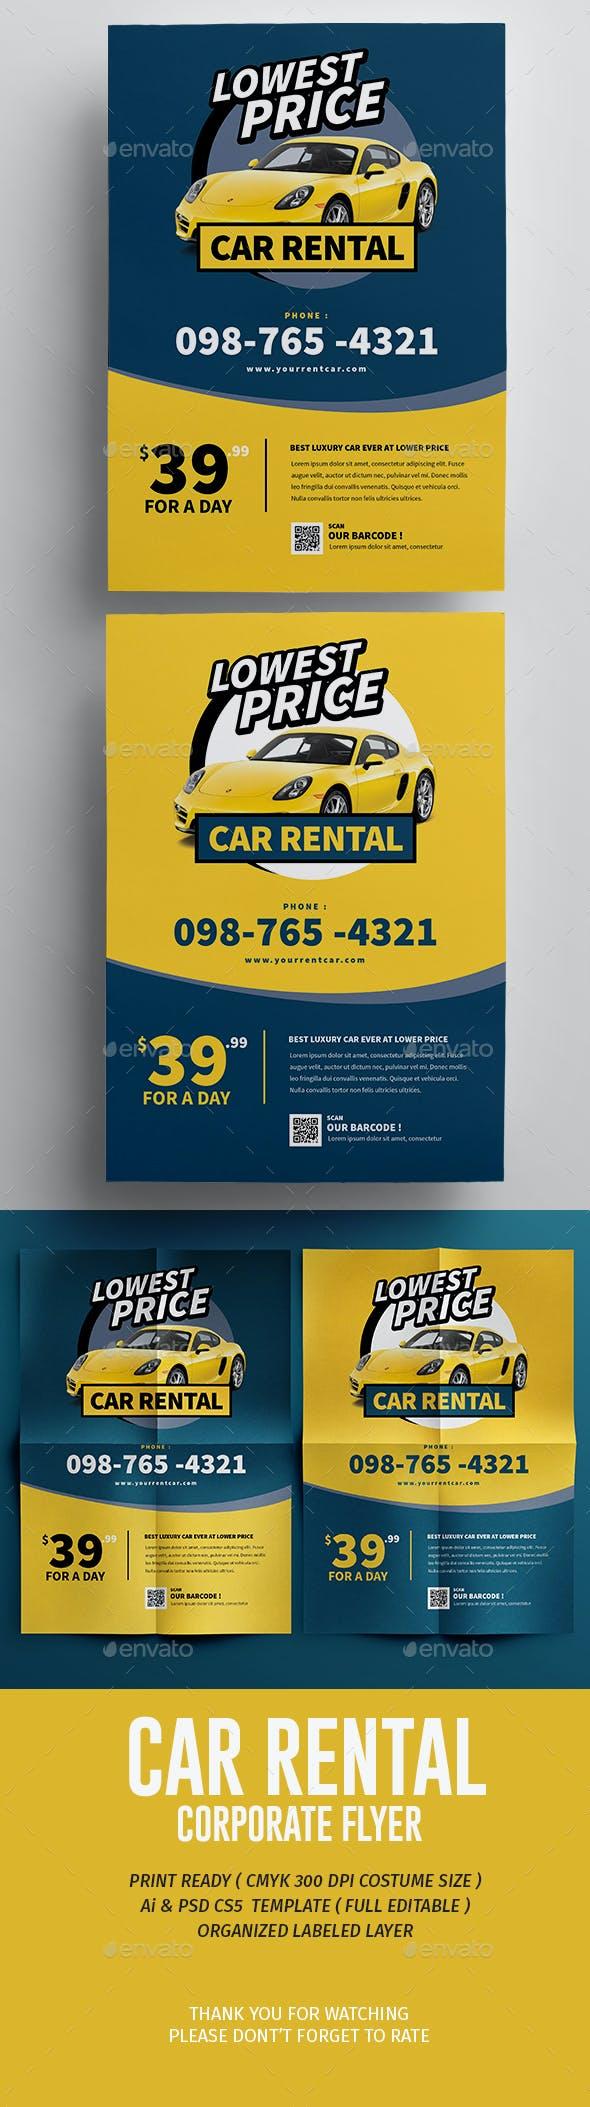 car rental flyer by tokosatsu graphicriver